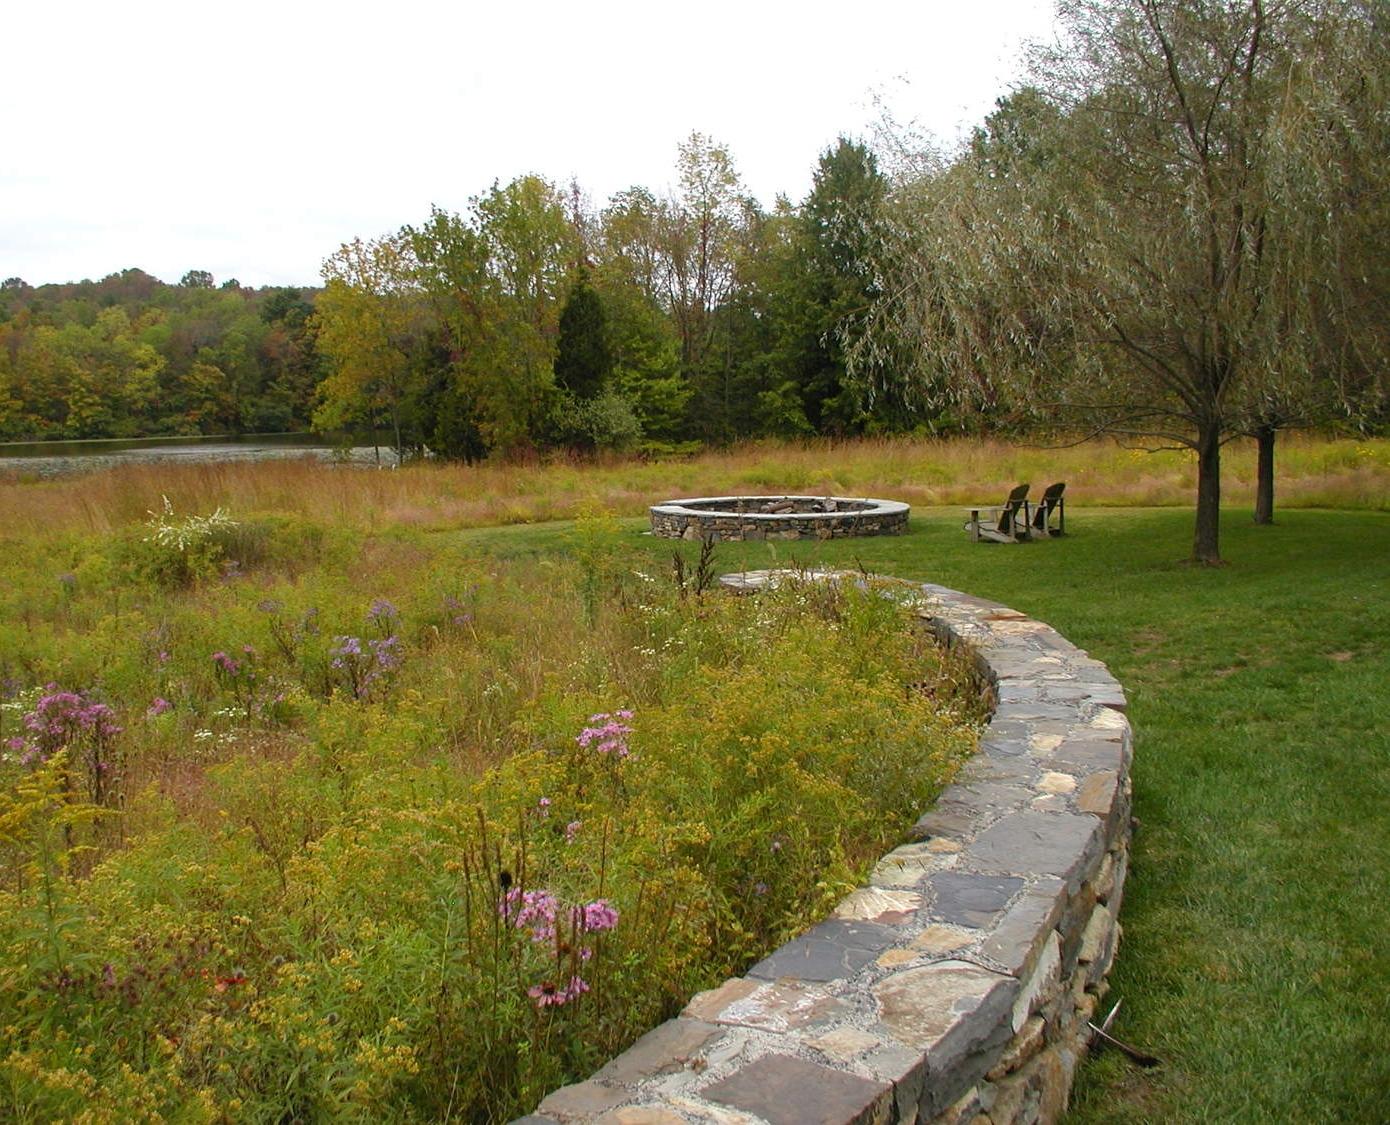 meadow fire pit